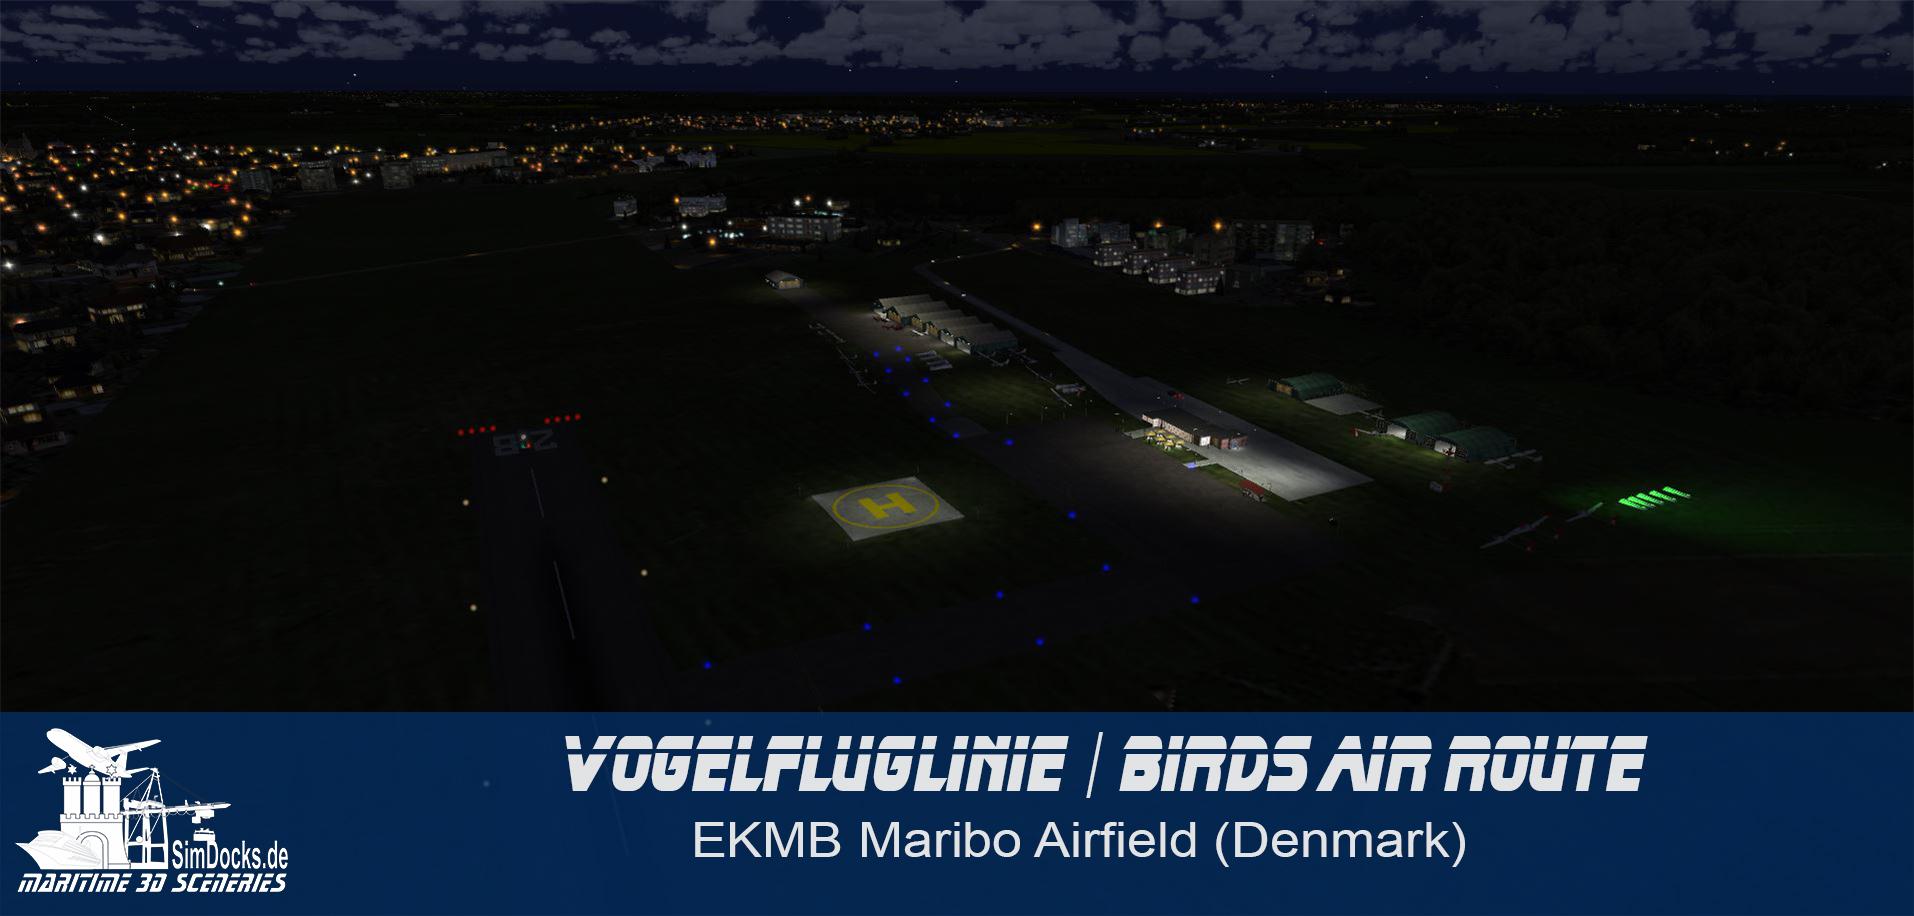 EKMB_Night.JPG